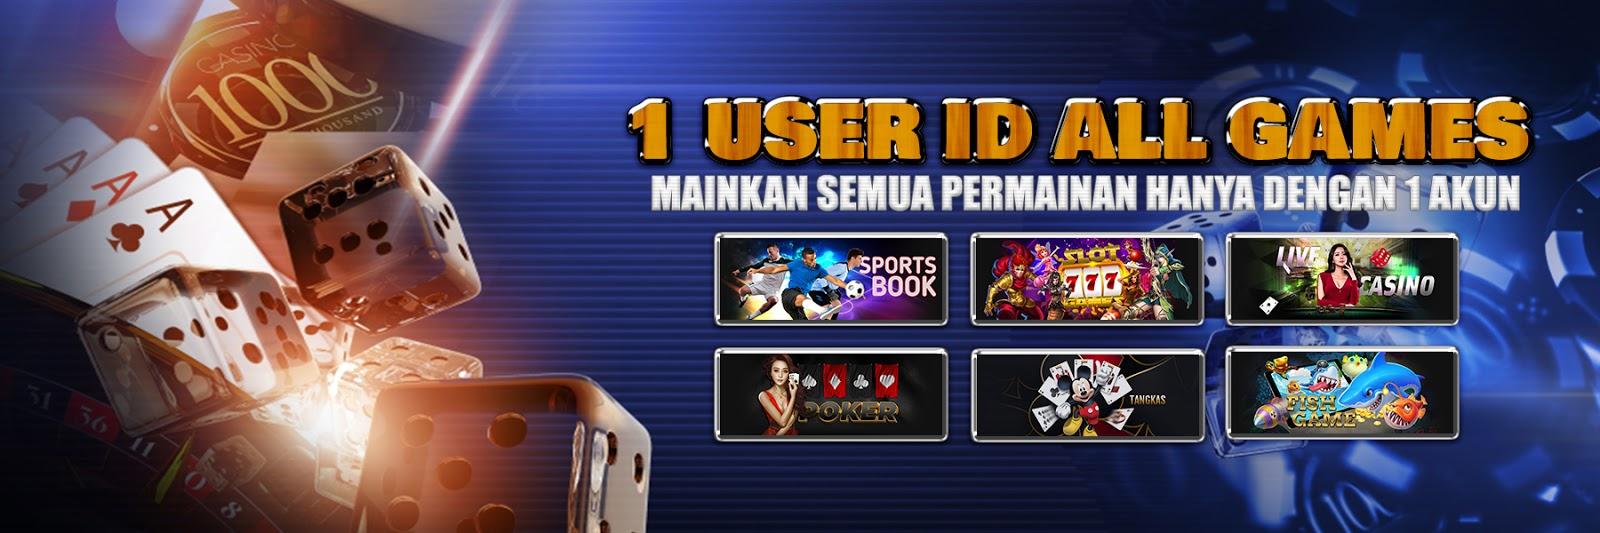 Autowin88 Situs Agen Judi Online Bola Dan Casino Sbobet Terpercaya Indonesia